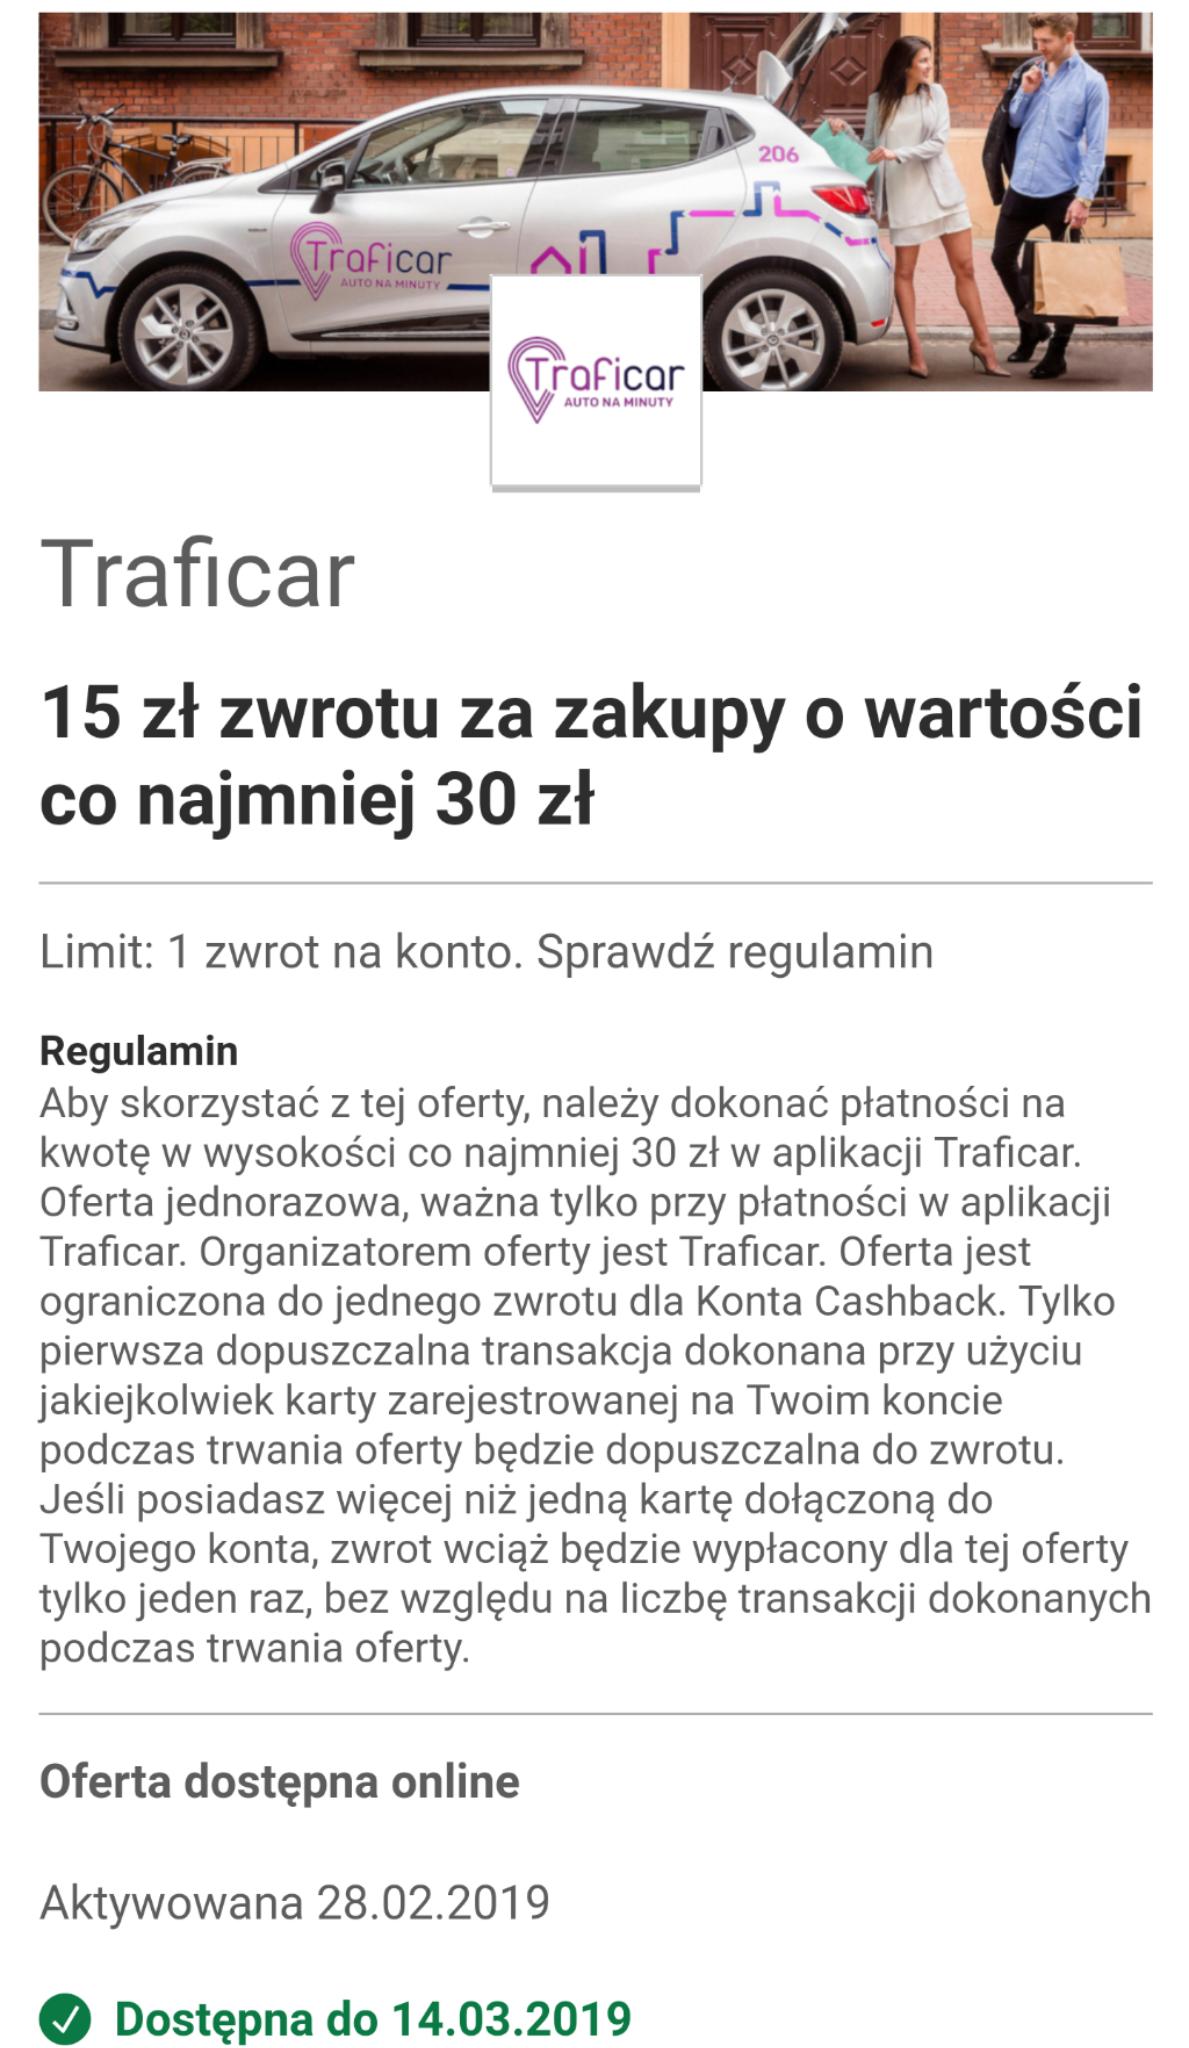 Traficar Visa Oferty(mBank) -15zł przy zakupie za 30zł (zależne od banku!)